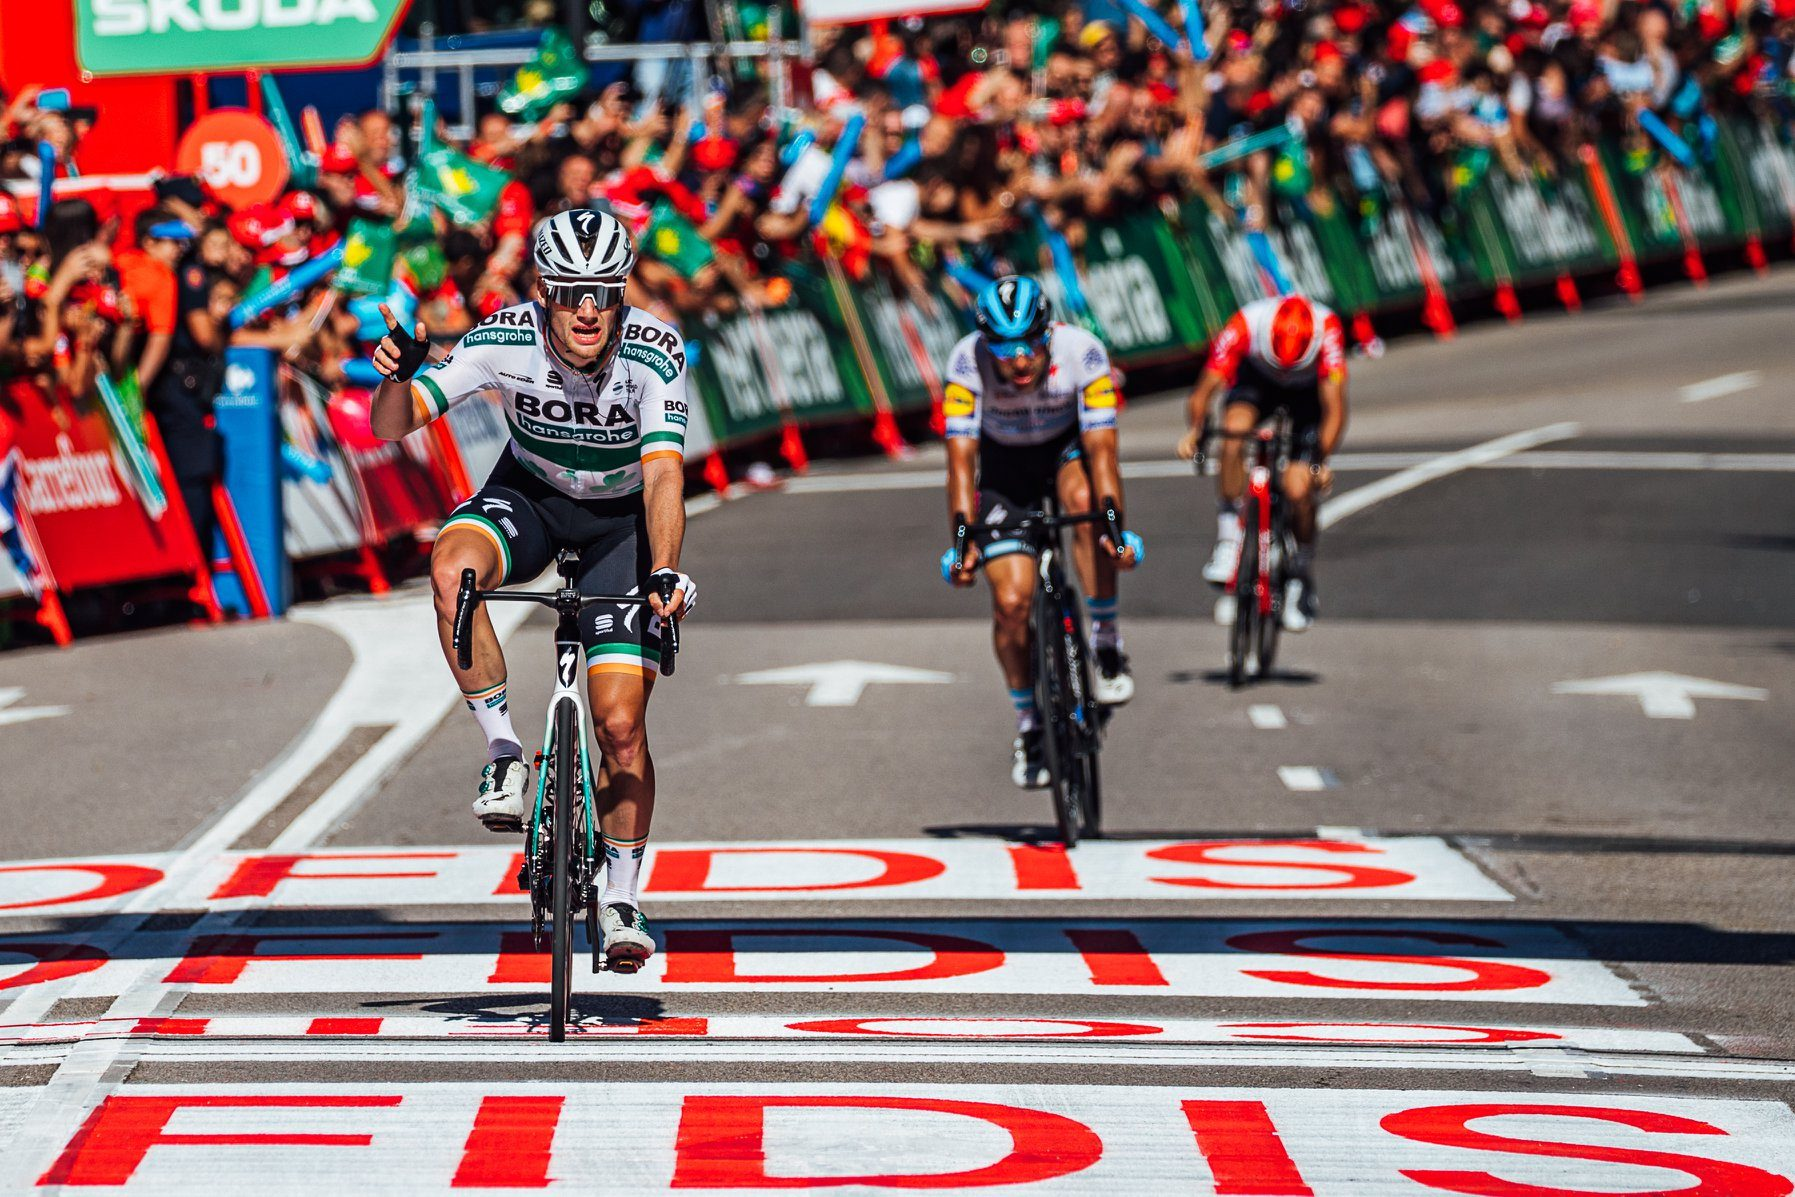 Сэм Беннетт выиграл спринт на финише 14-го этапа «Вуэльты Испании»